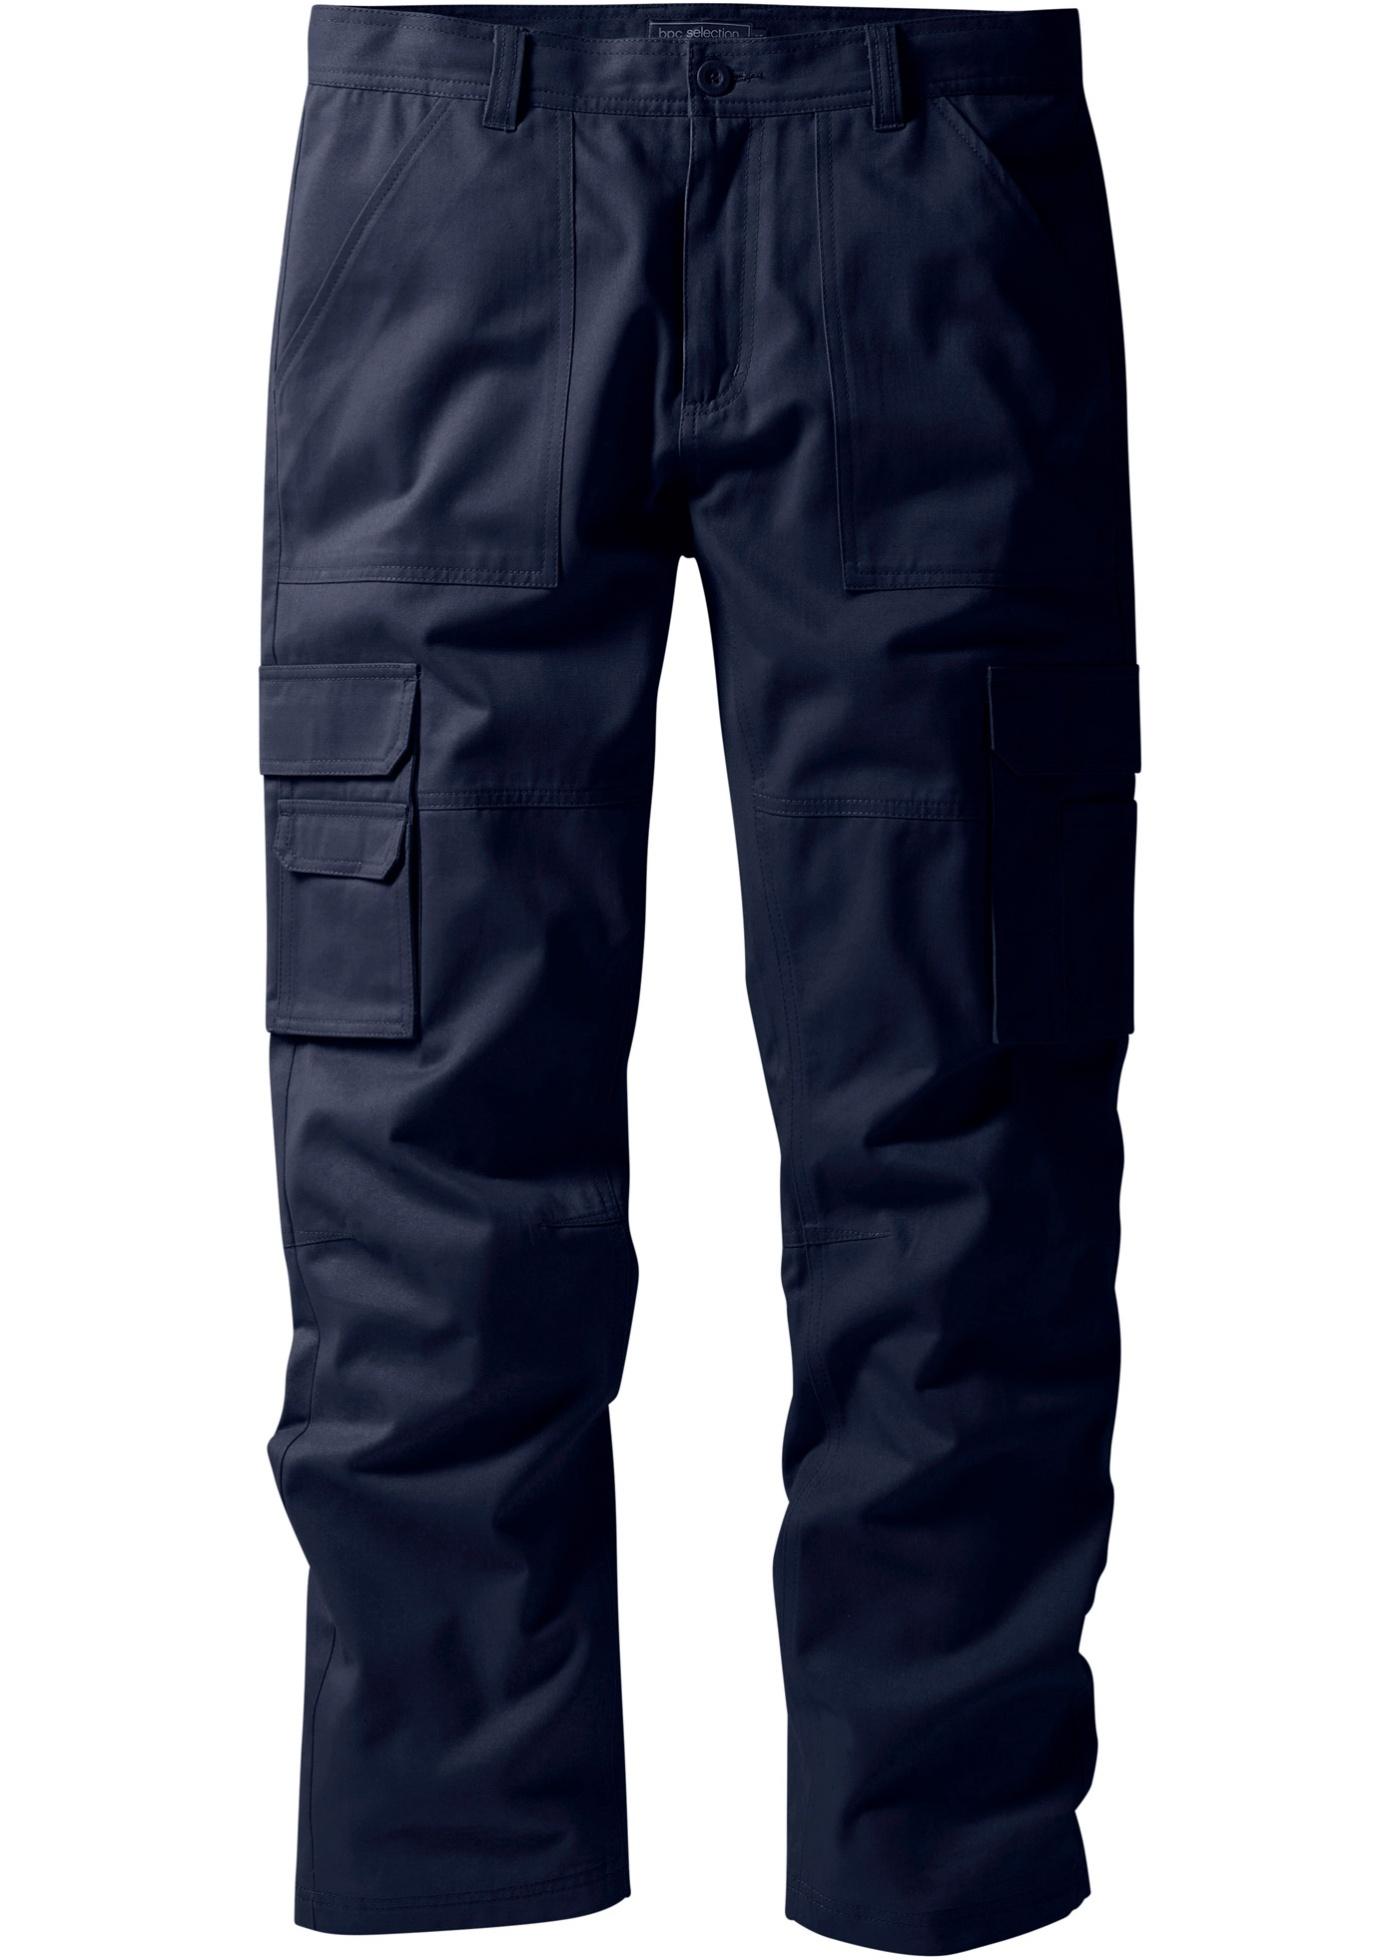 Kargo kalhoty Regular Fit Straight - Modrá